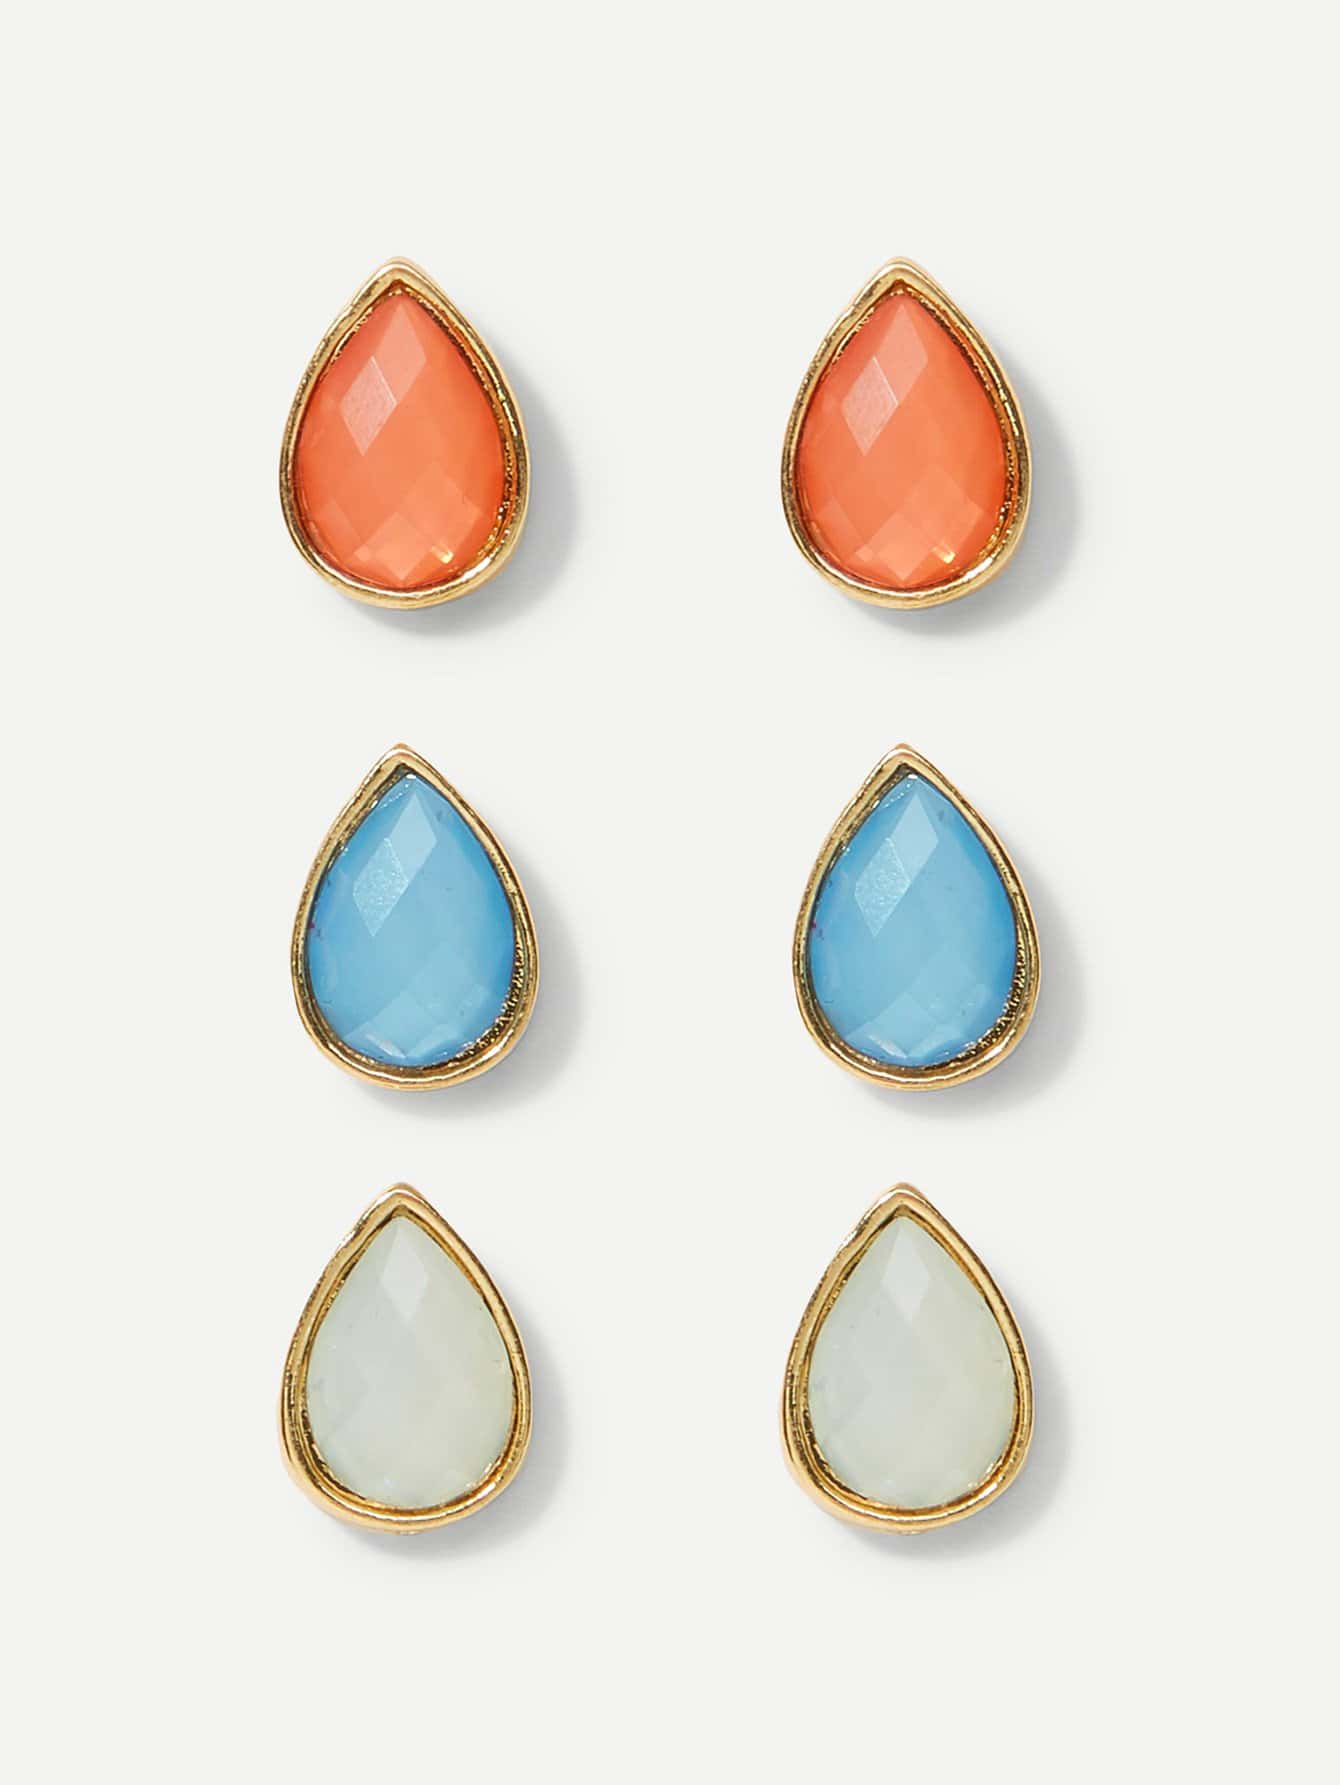 Waterdrop Shaped Stud Earrings 3pairs waterdrop shaped stud earrings